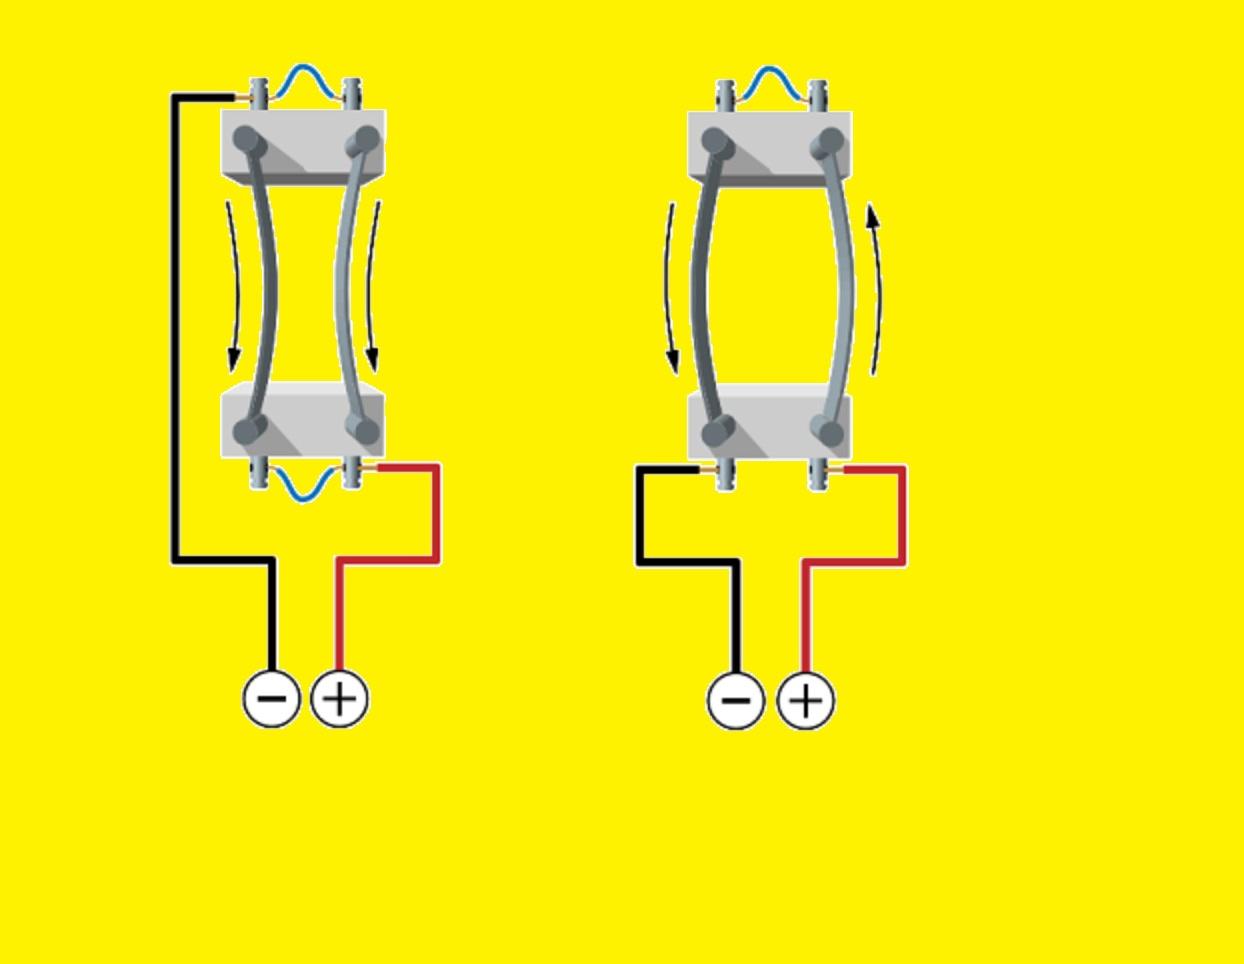 Взаимодействие проводников в вакууме при подключении электричества